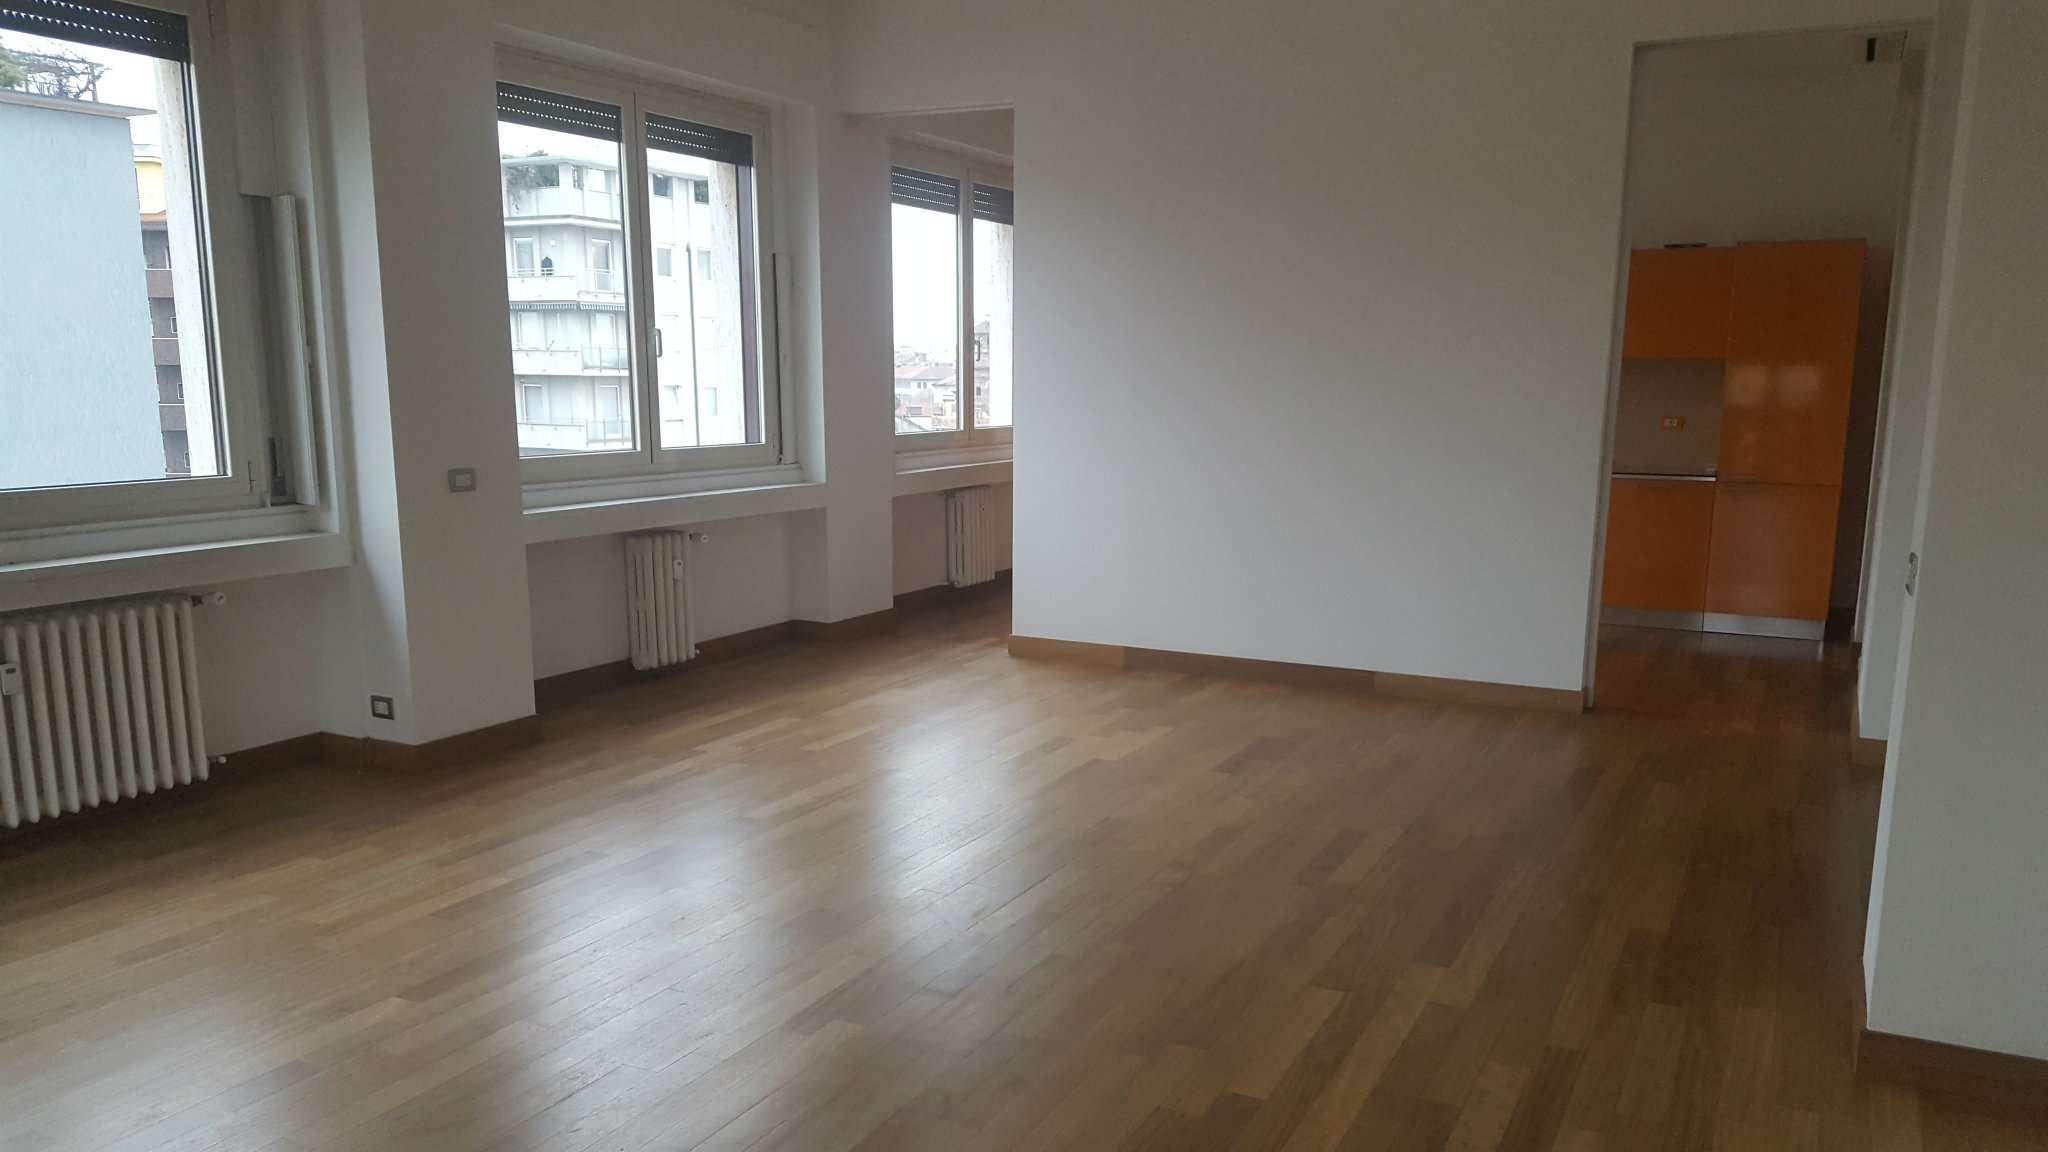 Appartamento in affitto a Milano, 5 locali, zona Zona: 1 . Centro Storico, Duomo, Brera, Cadorna, Cattolica, prezzo € 3.500 | Cambio Casa.it